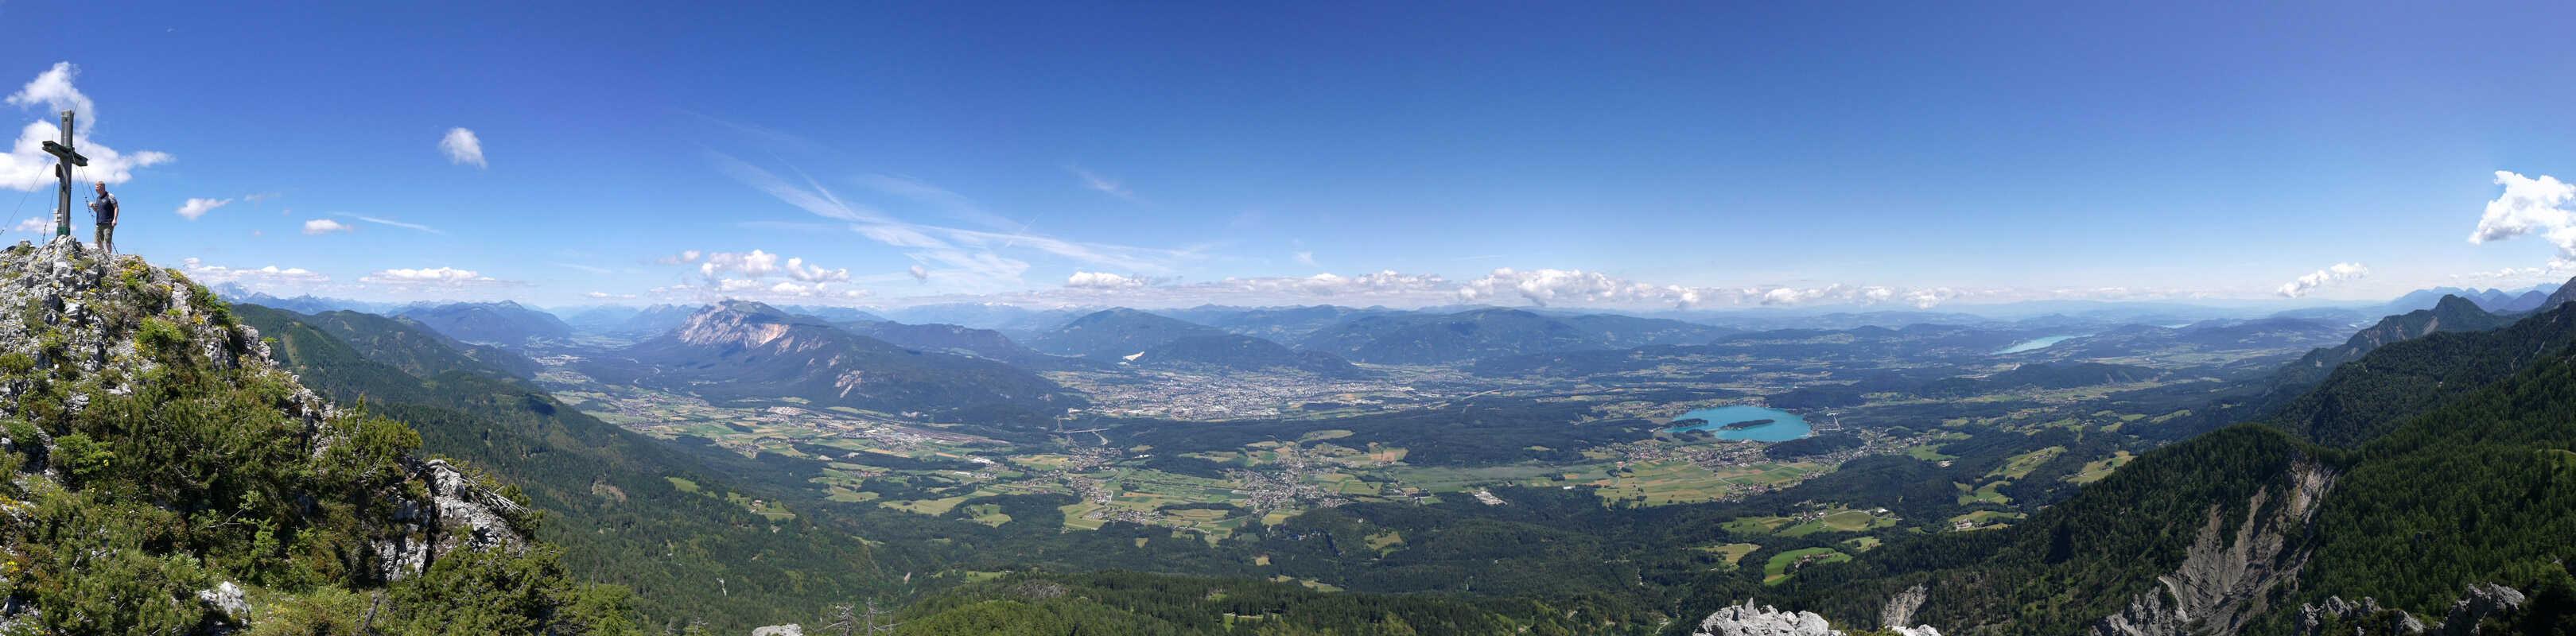 Panorama-vom-Mallestiger-Mittagskogel-aus-mit-Blick-auf-Dobratsch---Villach---Faaker-See